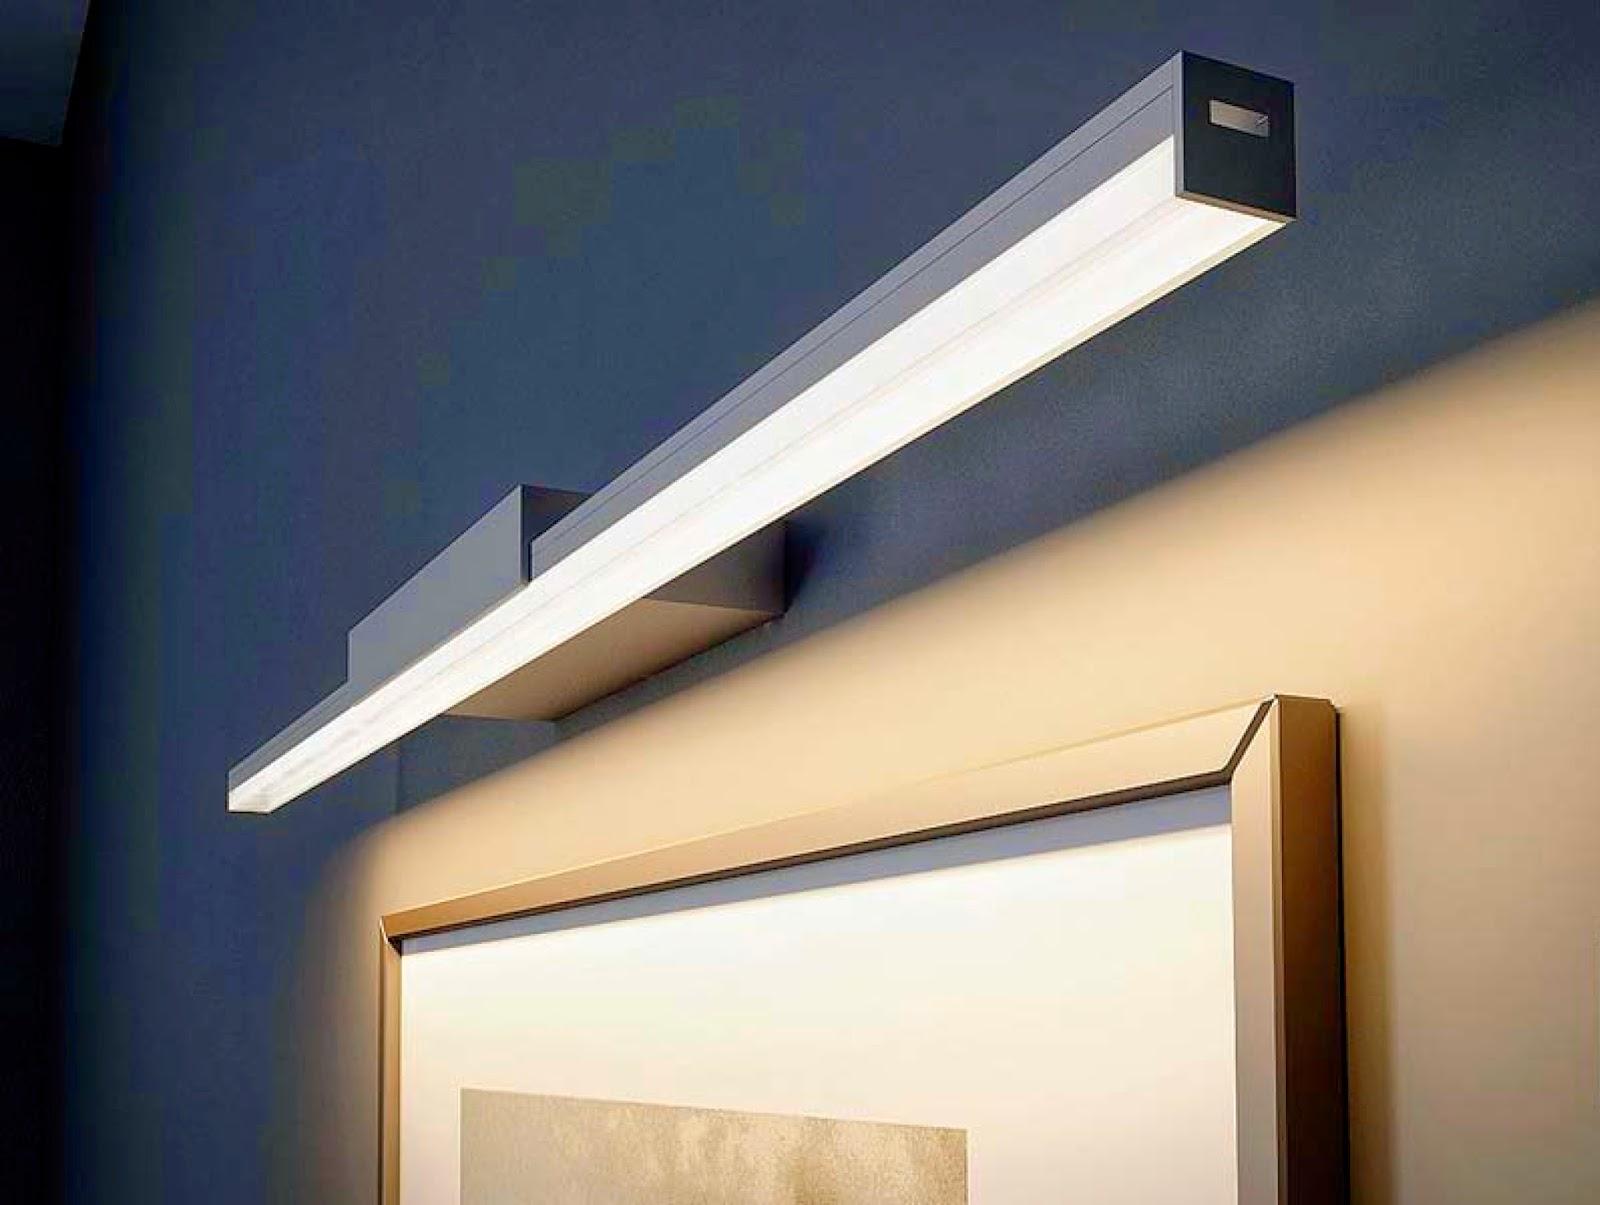 Iluminaci n led perfiles led - Iluminacion de pared ...